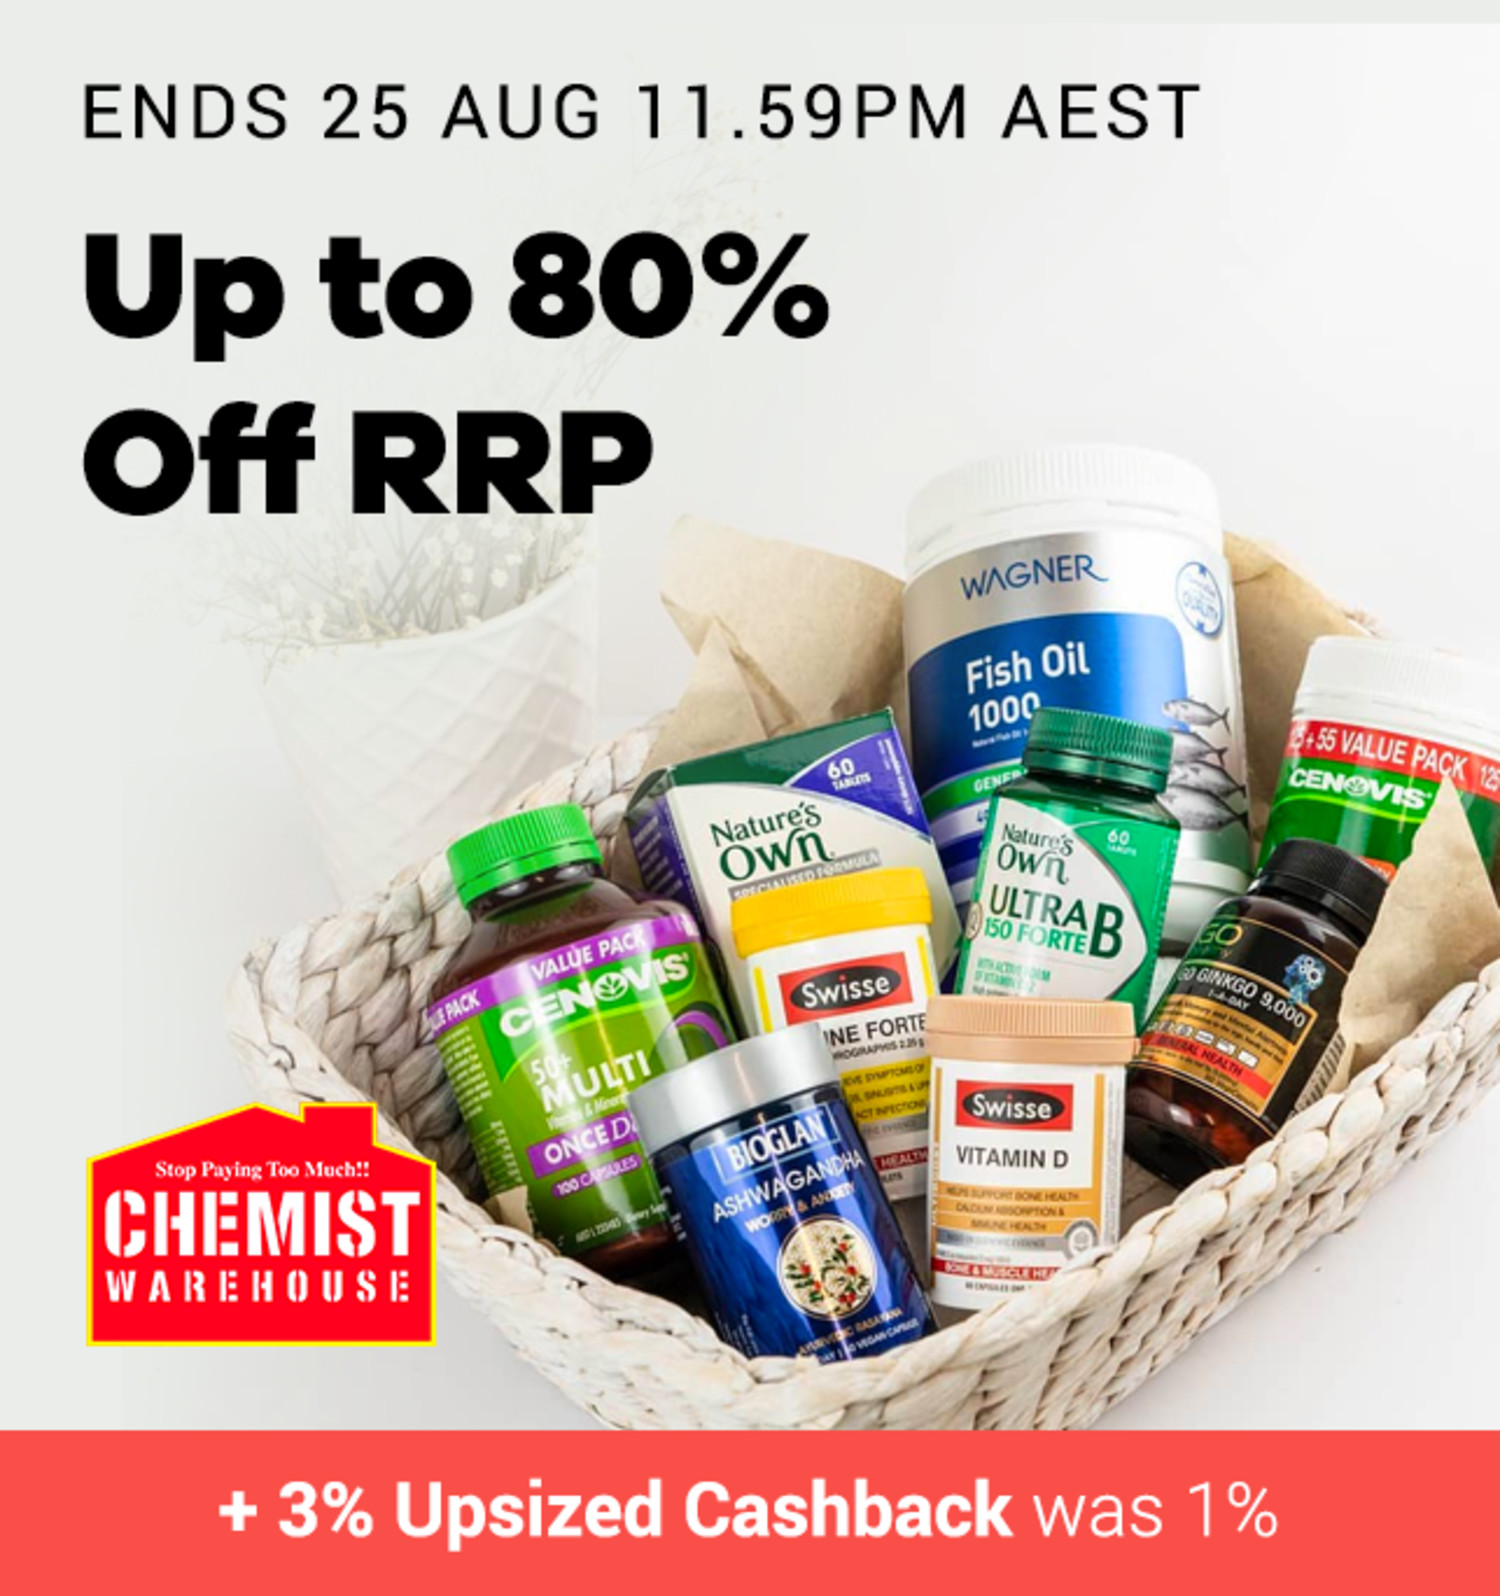 Chemist Warehouse - 3% Upsized Cashback